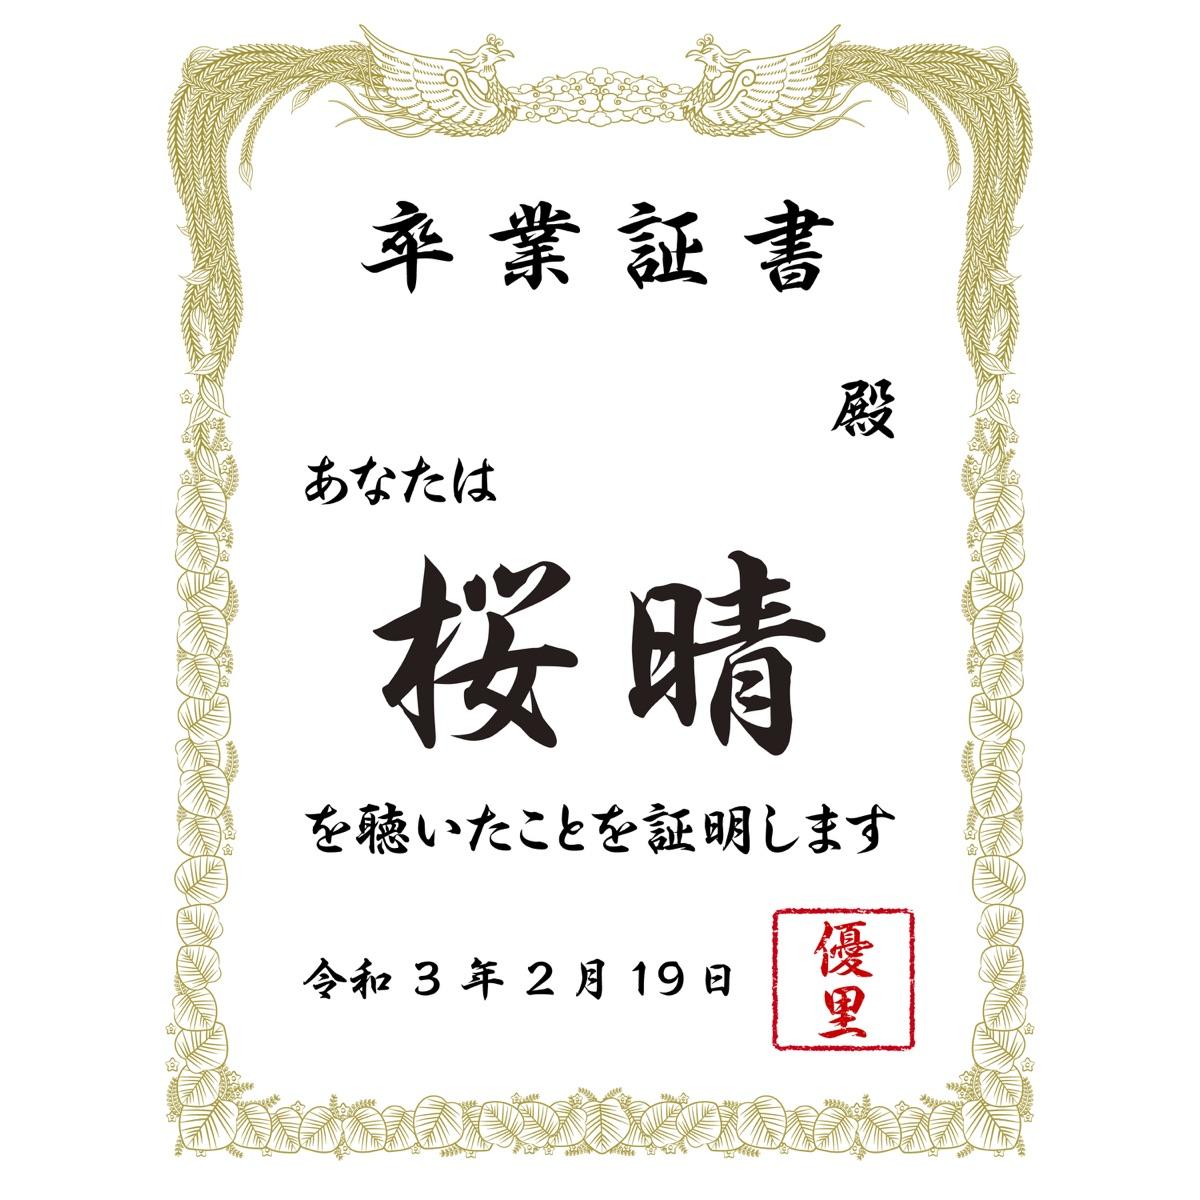 『優里 - 桜晴』収録の『桜晴』ジャケット